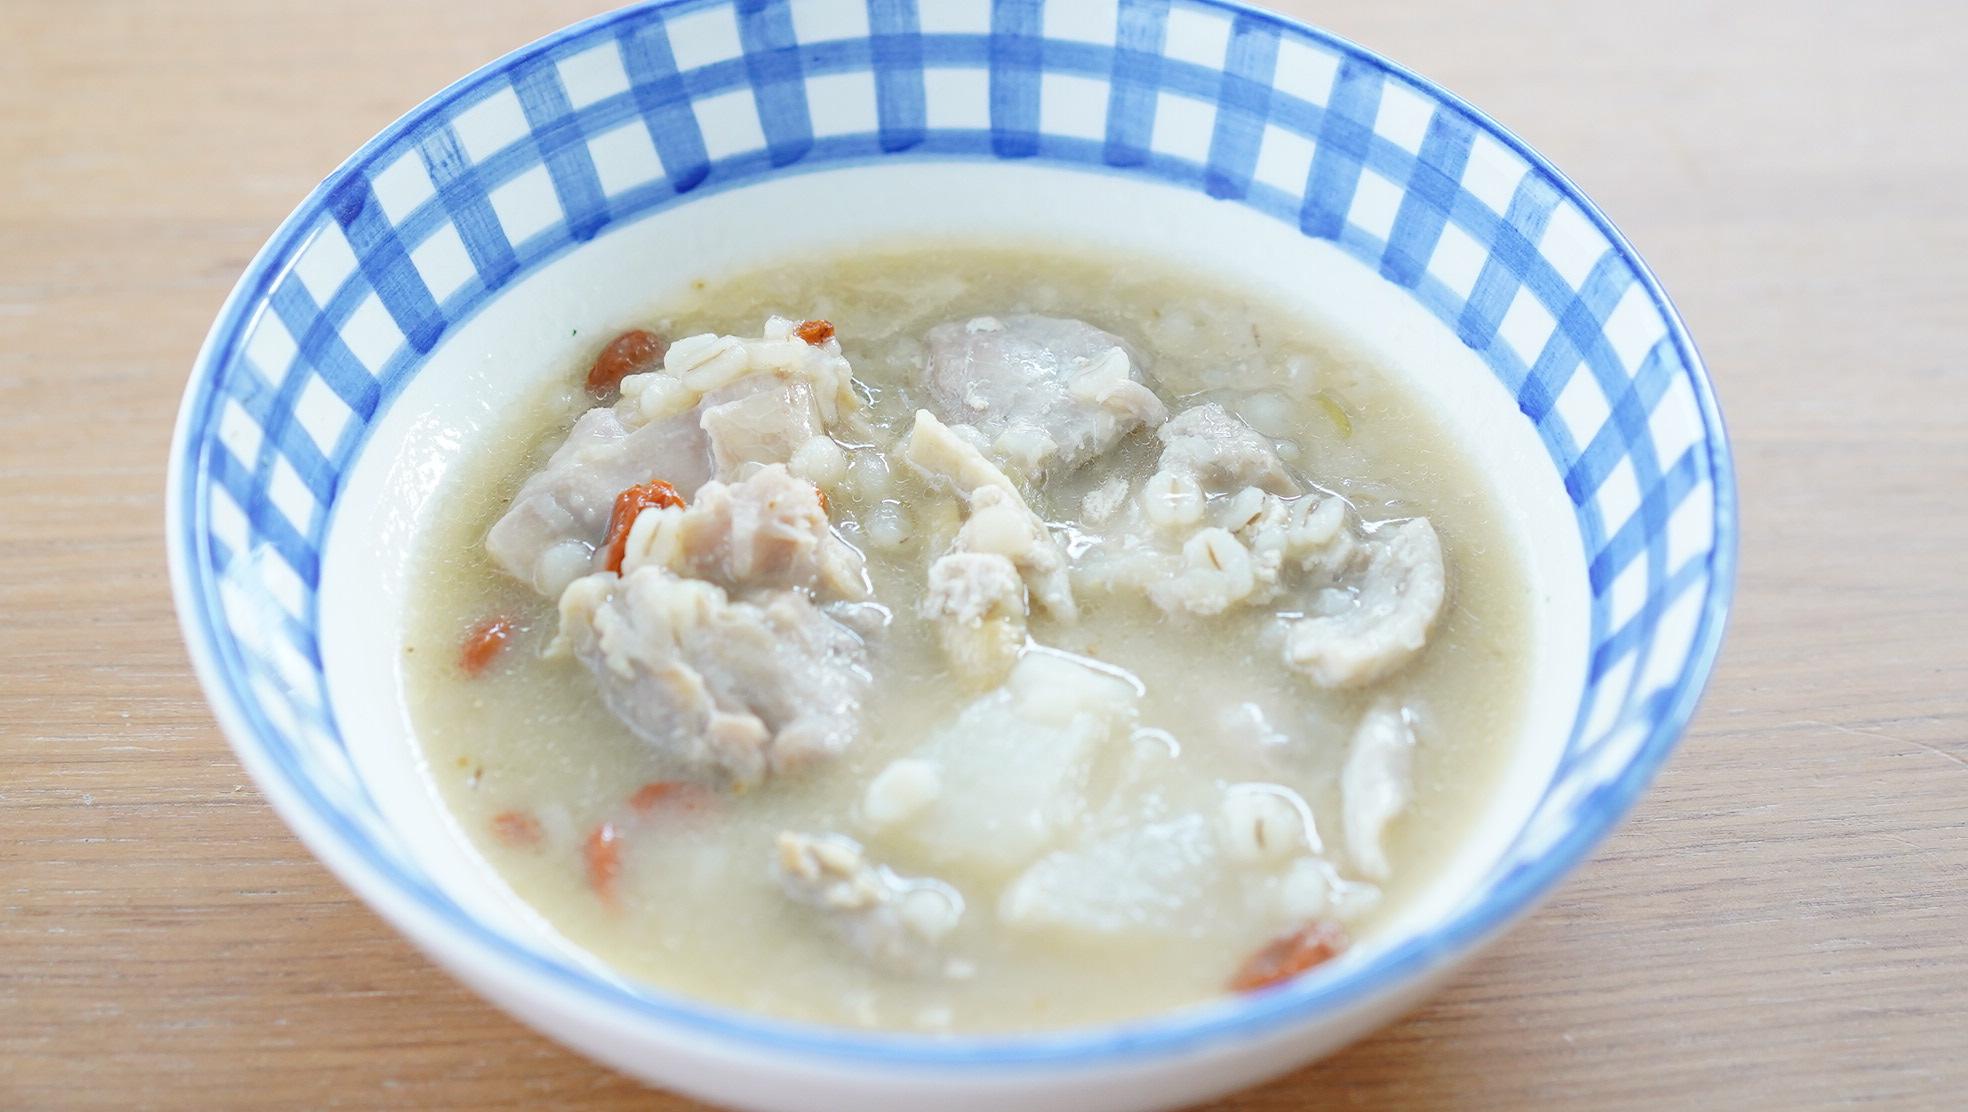 無印良品のおすすめ冷凍食品「サムゲタン(韓国風鶏のスープ煮込み)」の写真